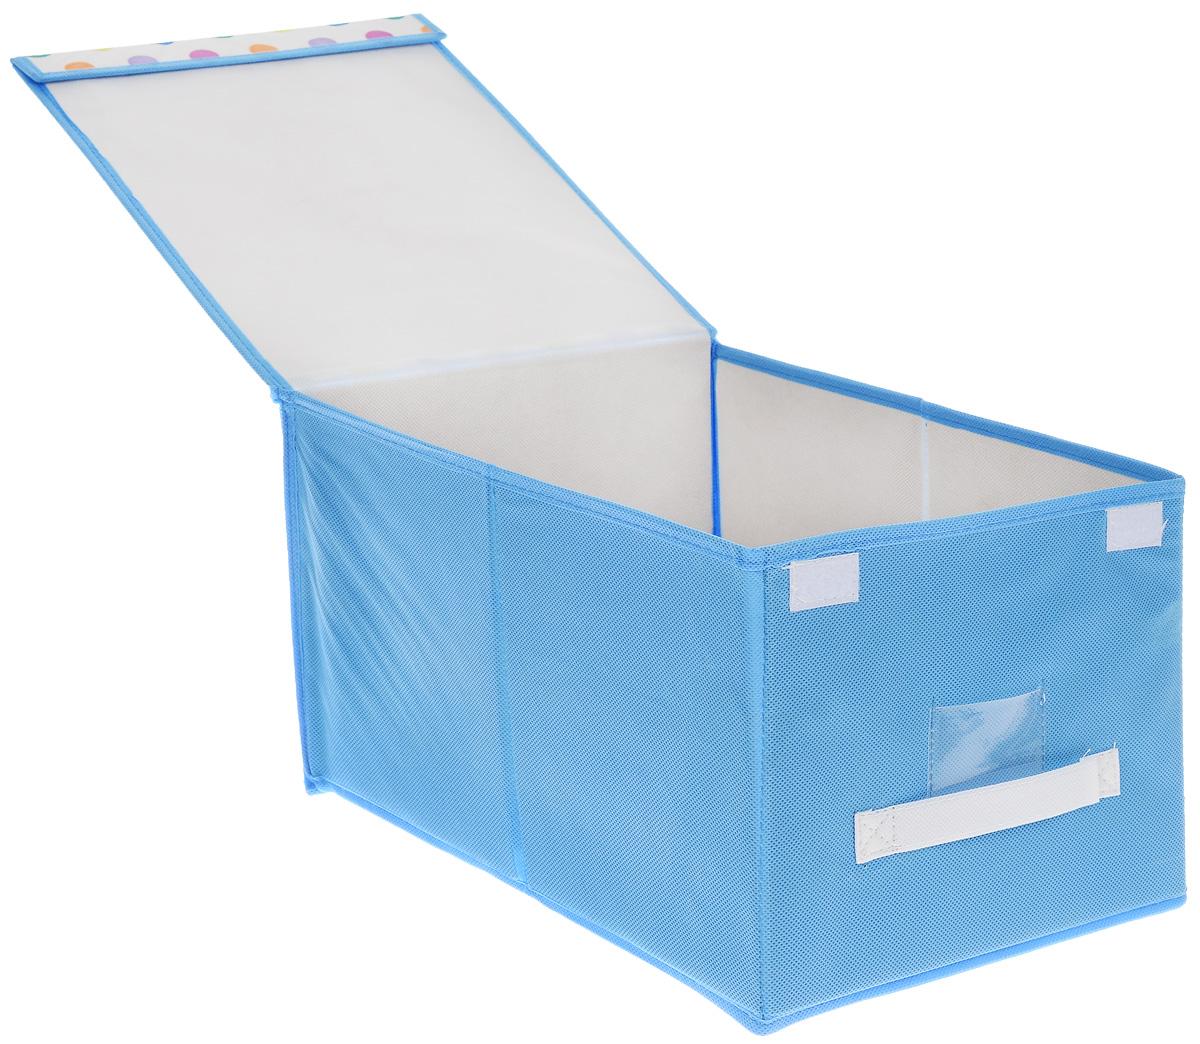 Чехол-коробка для хранения вещей Voila